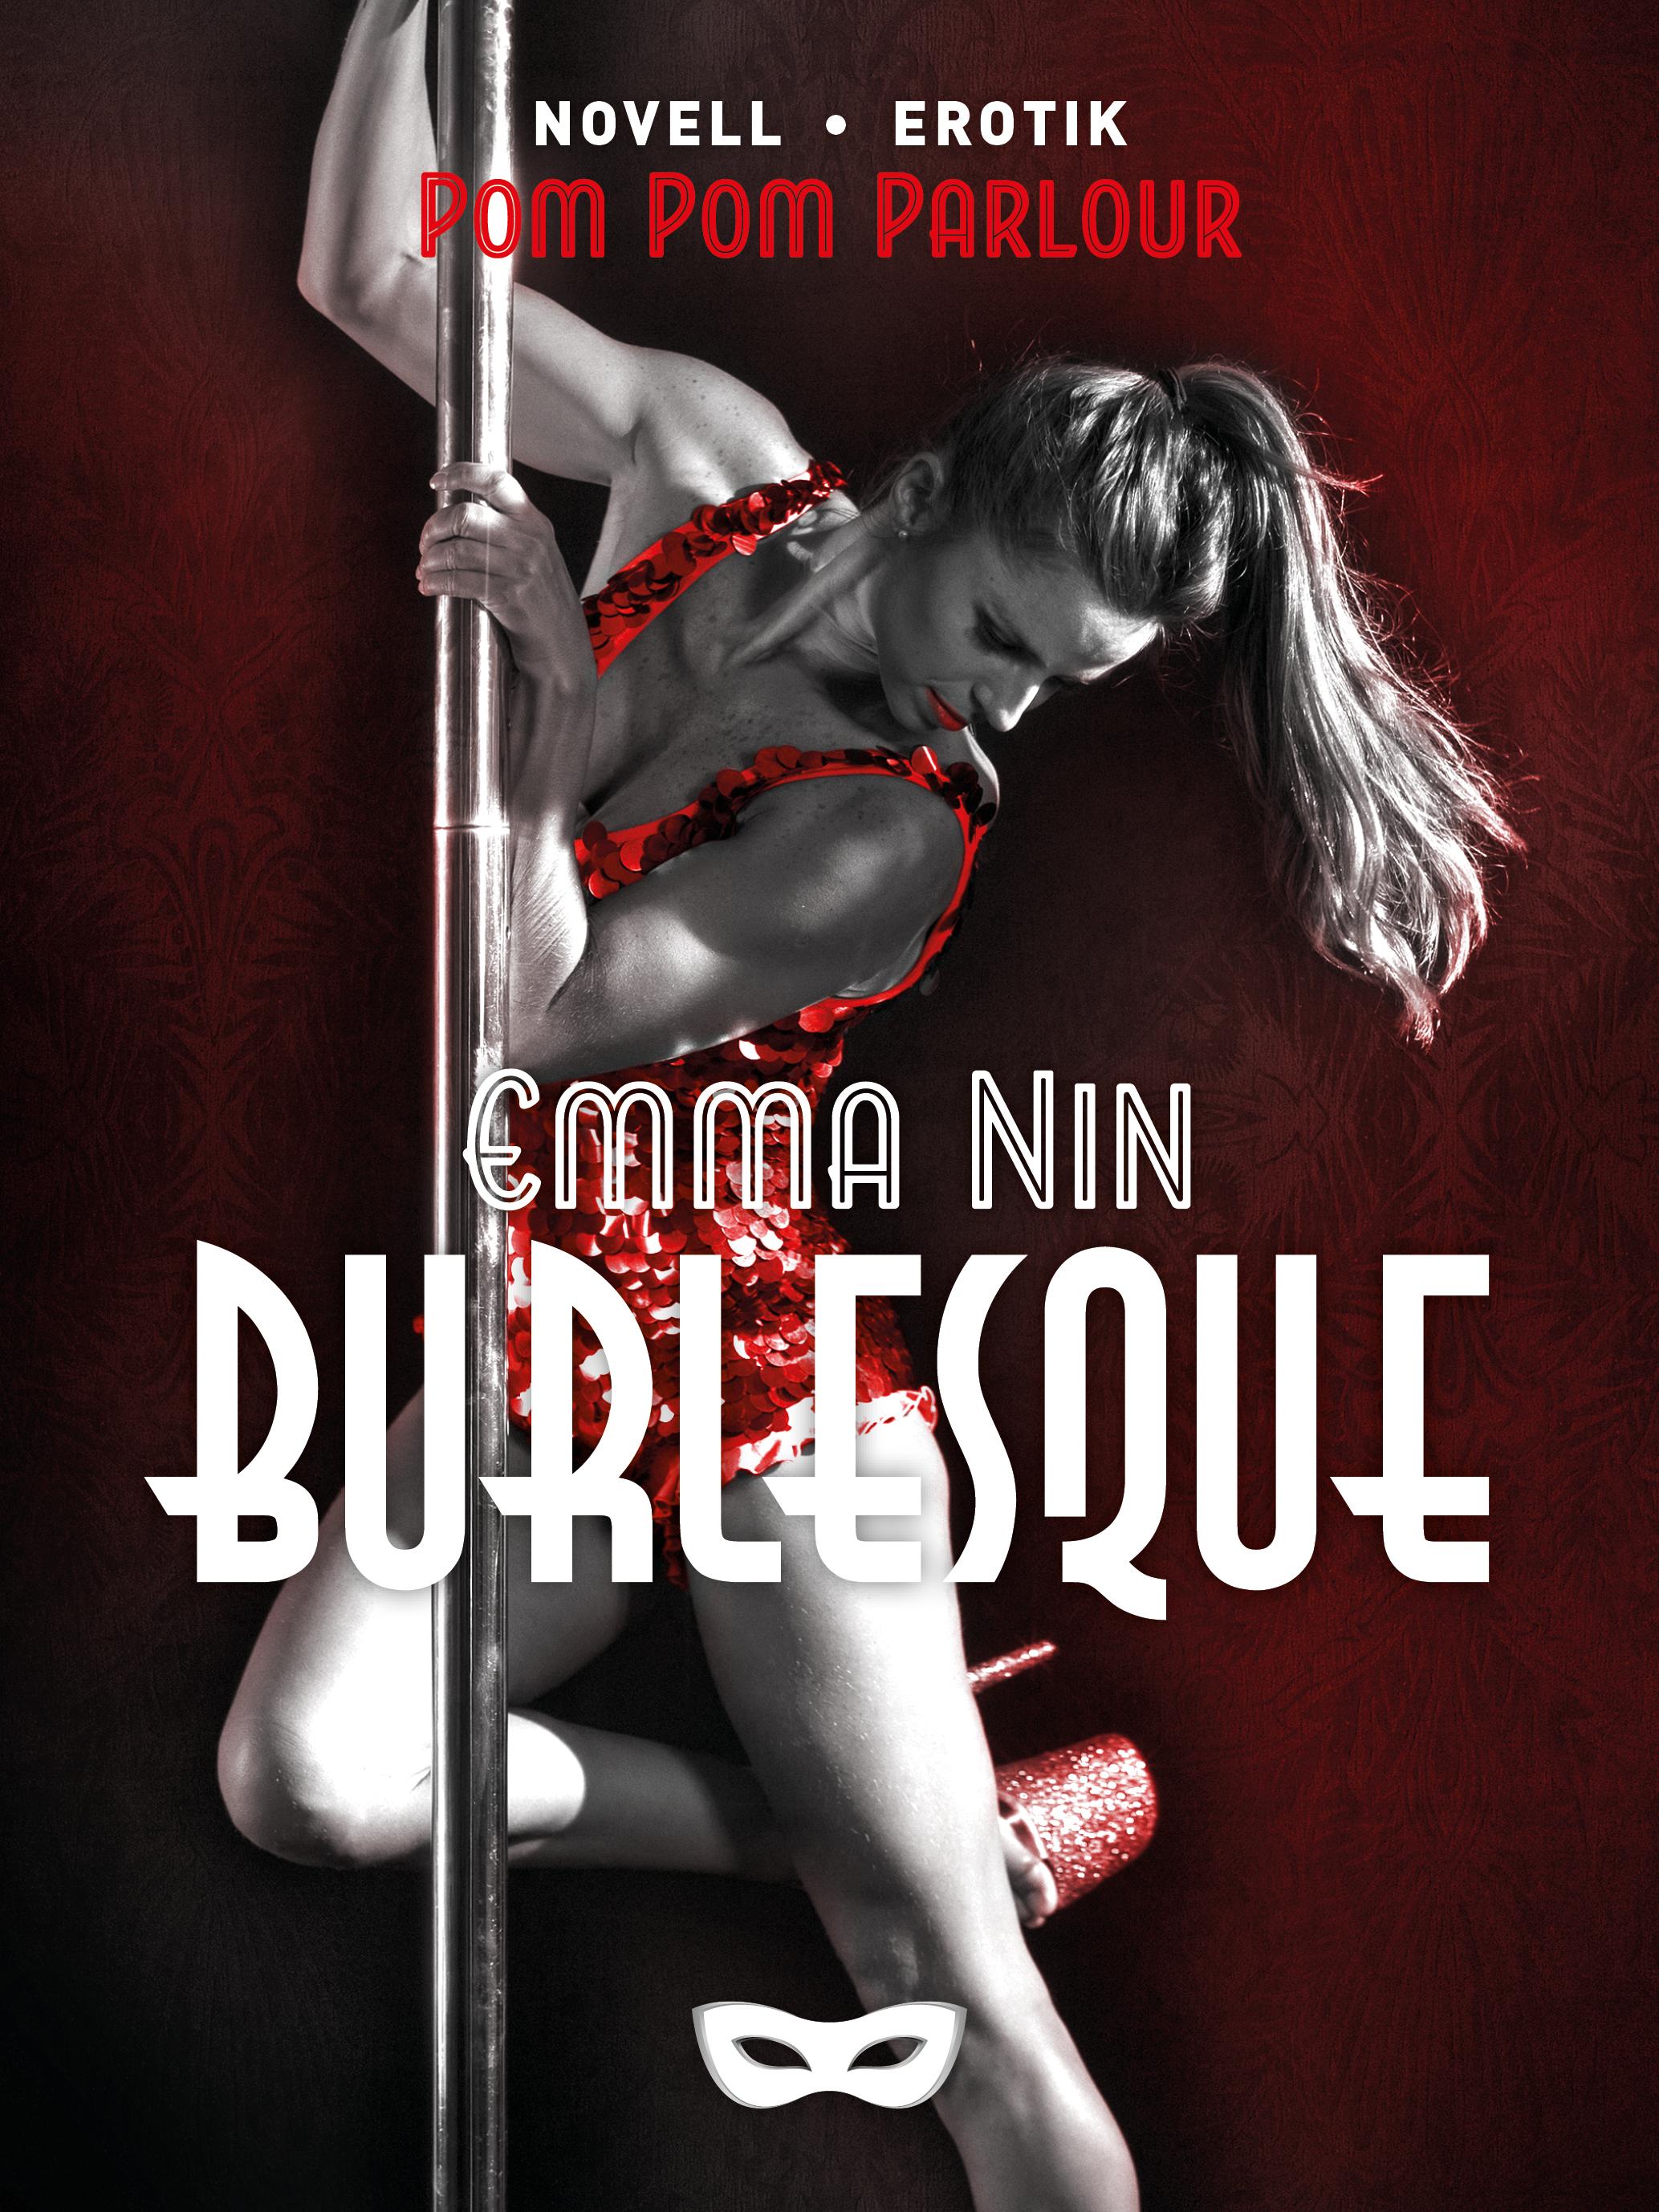 Burlesque   Sofia åker till Paris för att se den legendariska burleskartisten Sucre d'Orge uppträda, och kvällen visar sig bli mycket hetare än hon kunnat ana.     storytel   nextory   boookbeat   adlibris   bokus   ibook